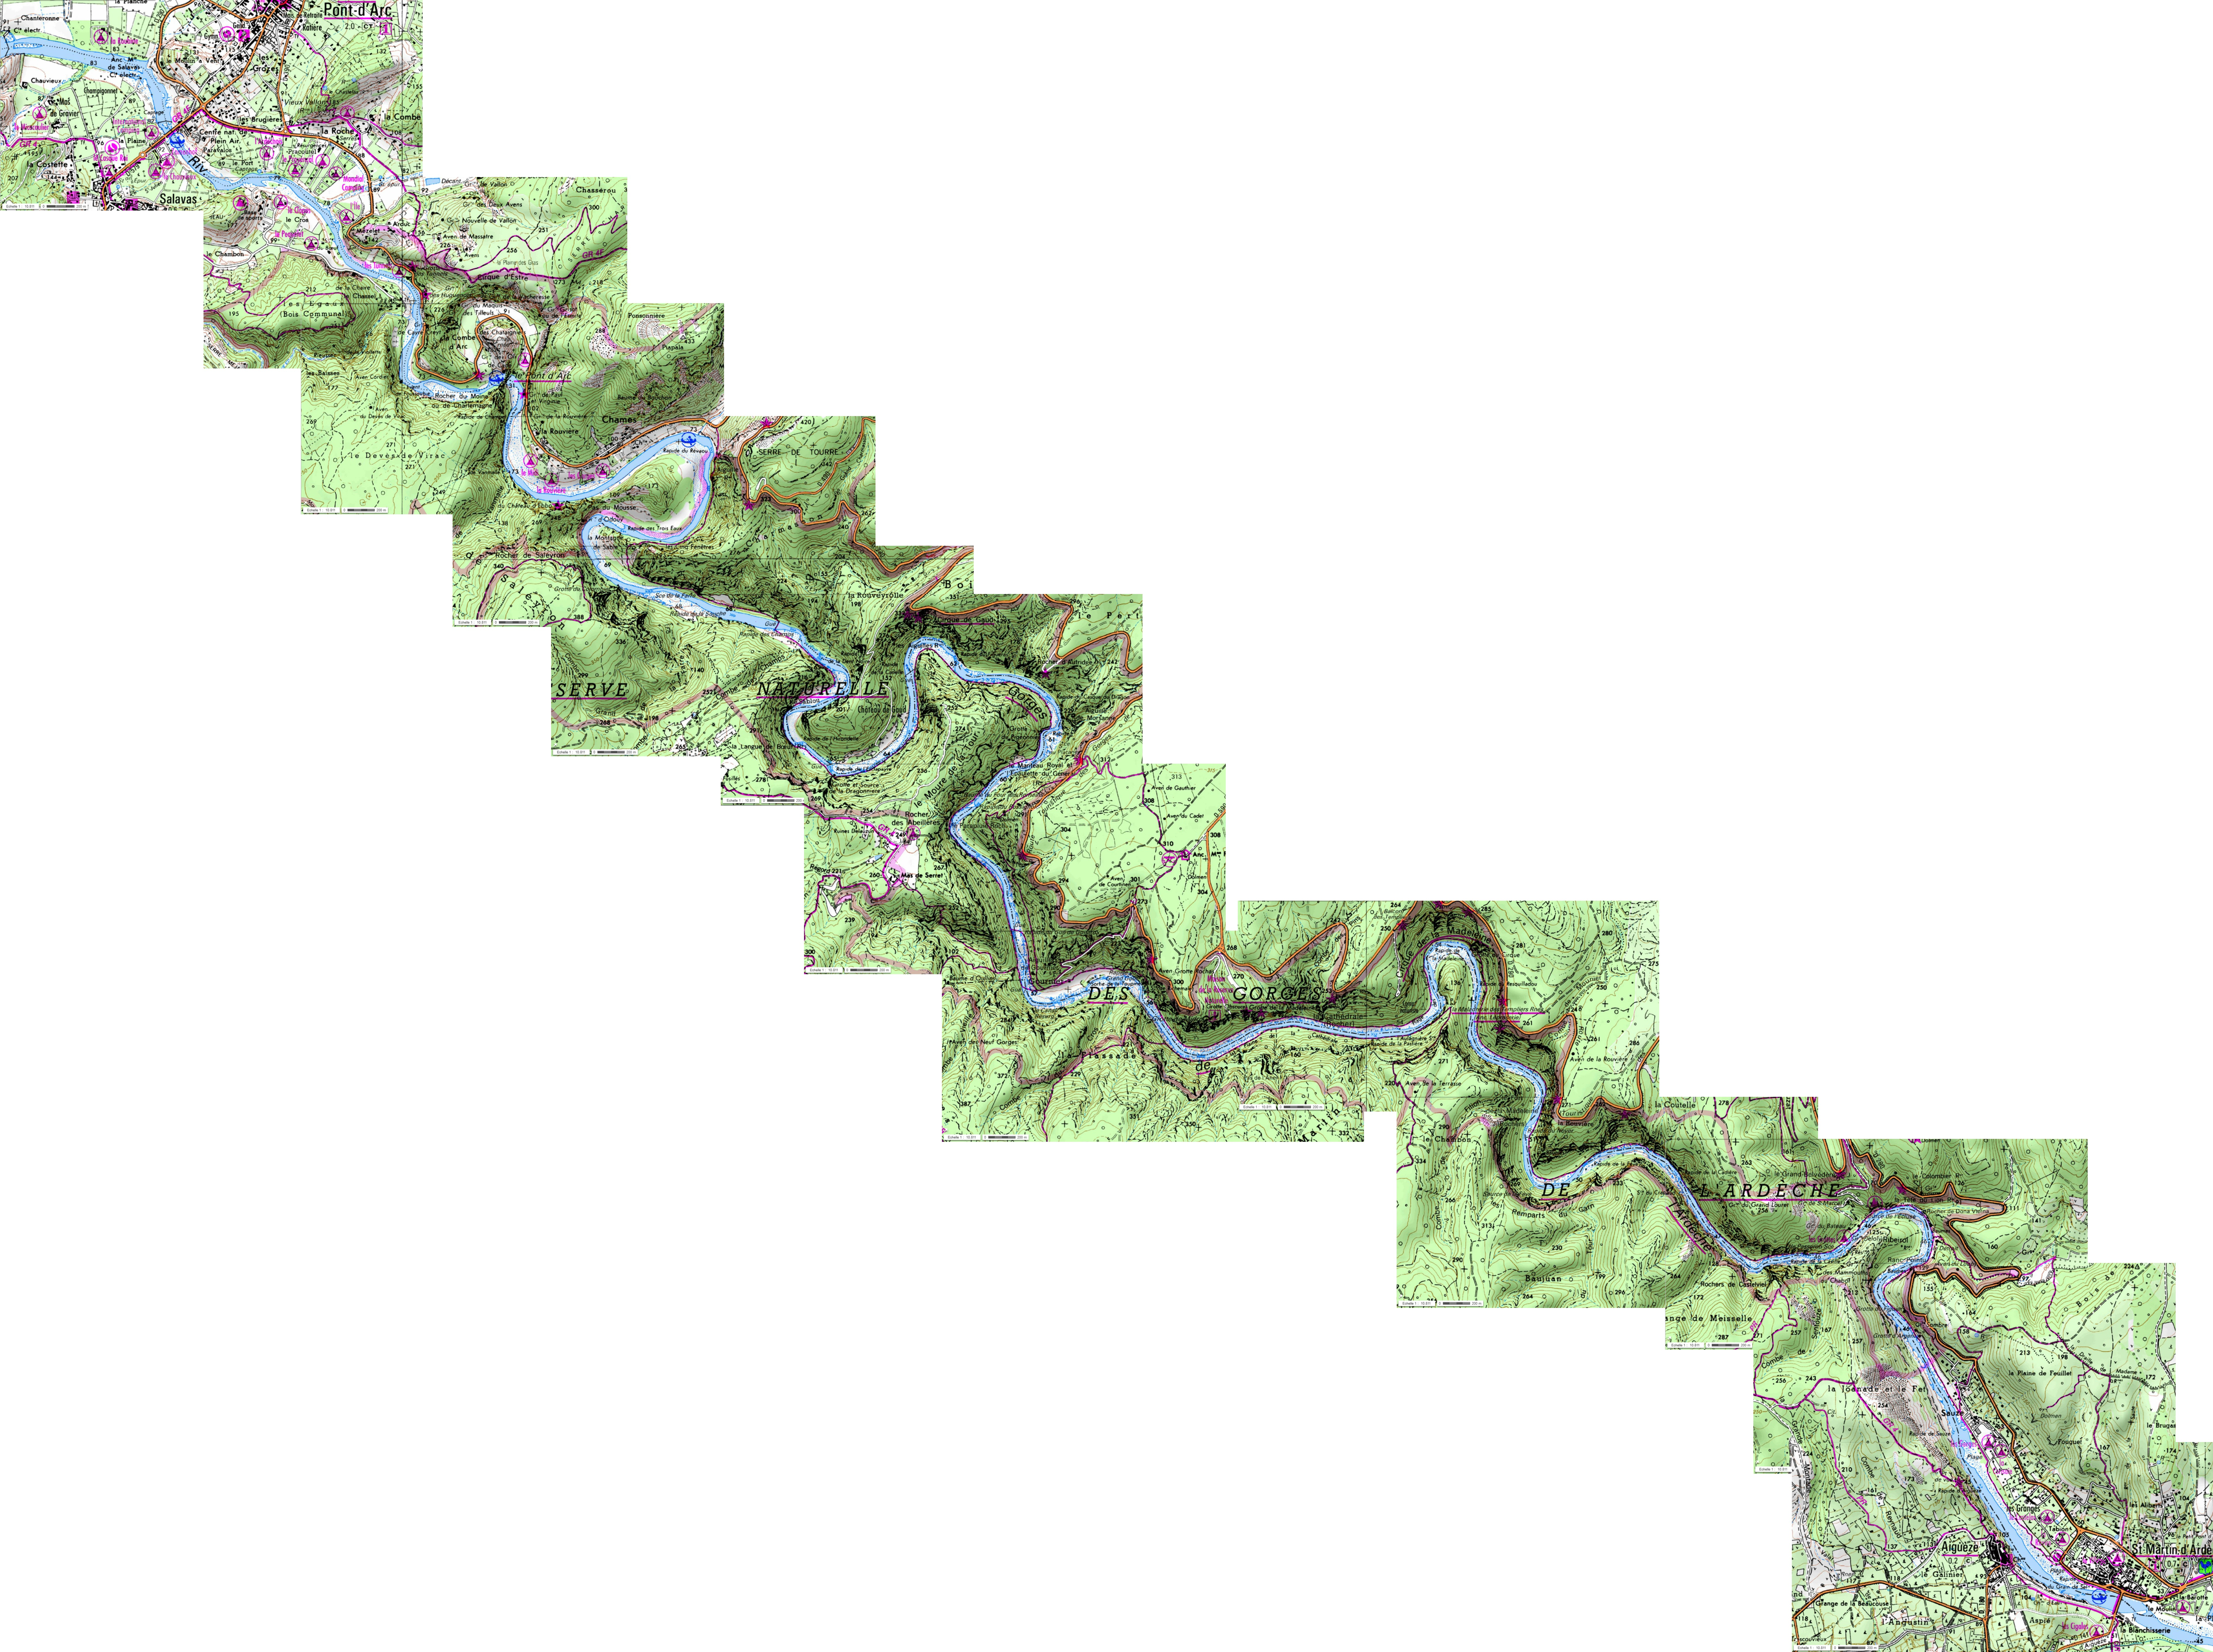 Карта каньона Ардеш